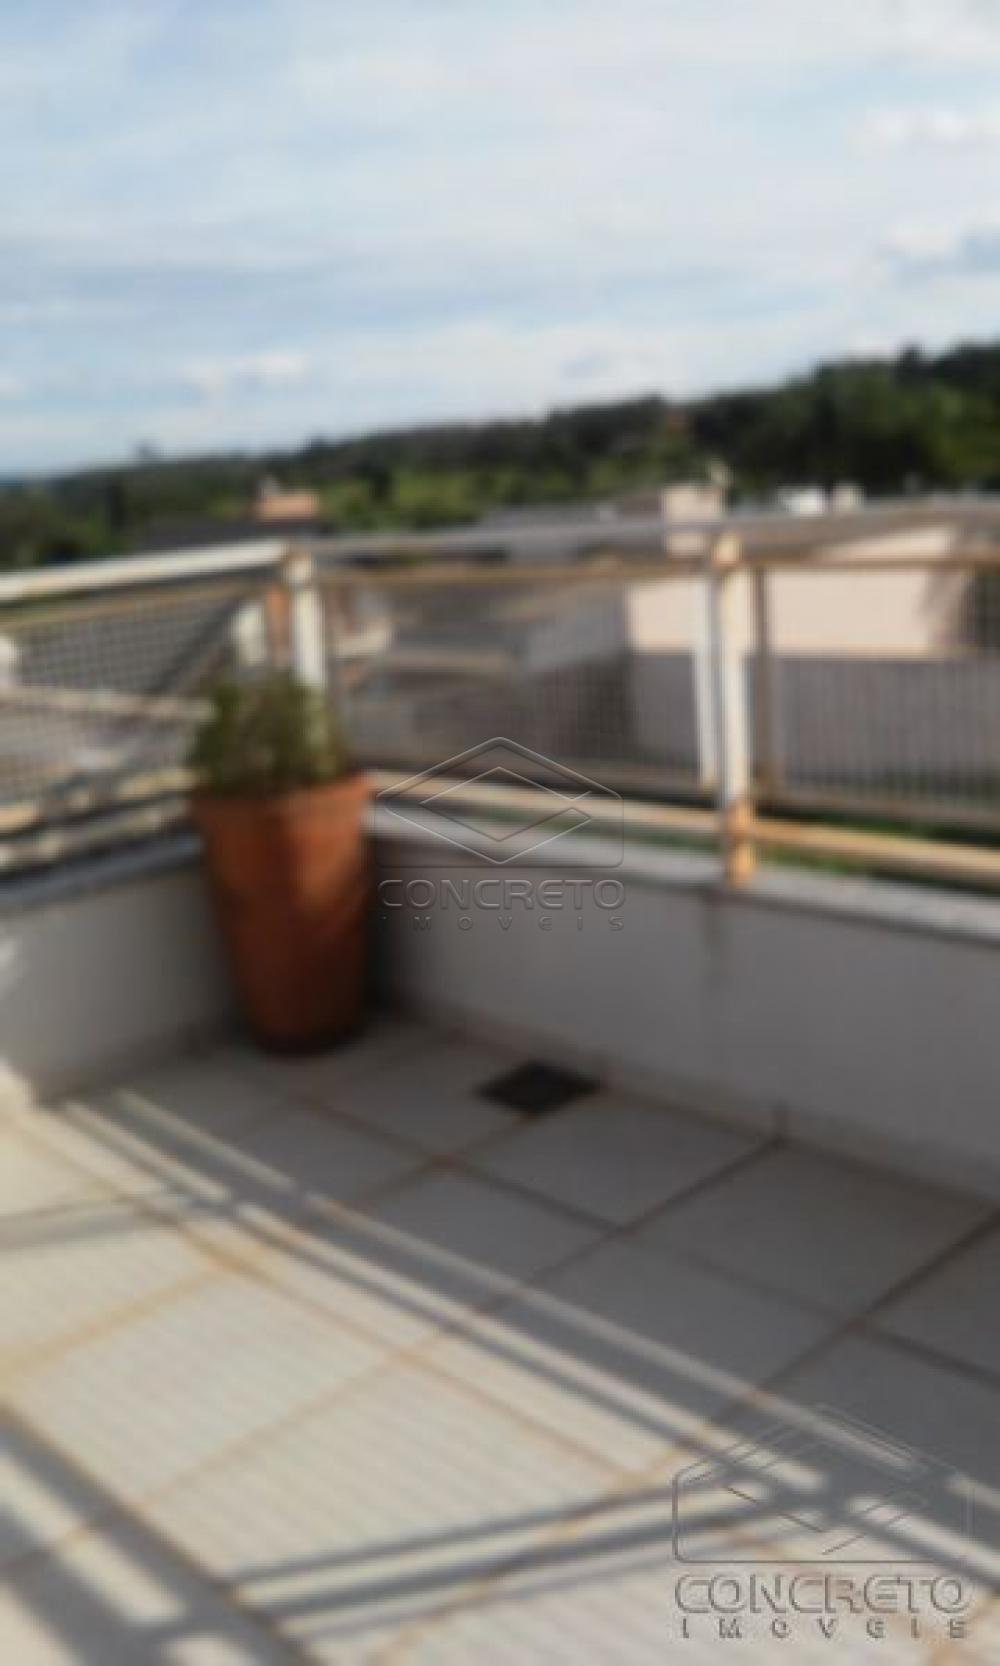 Comprar Apartamento / Padrão em Piratininga R$ 700.000,00 - Foto 7